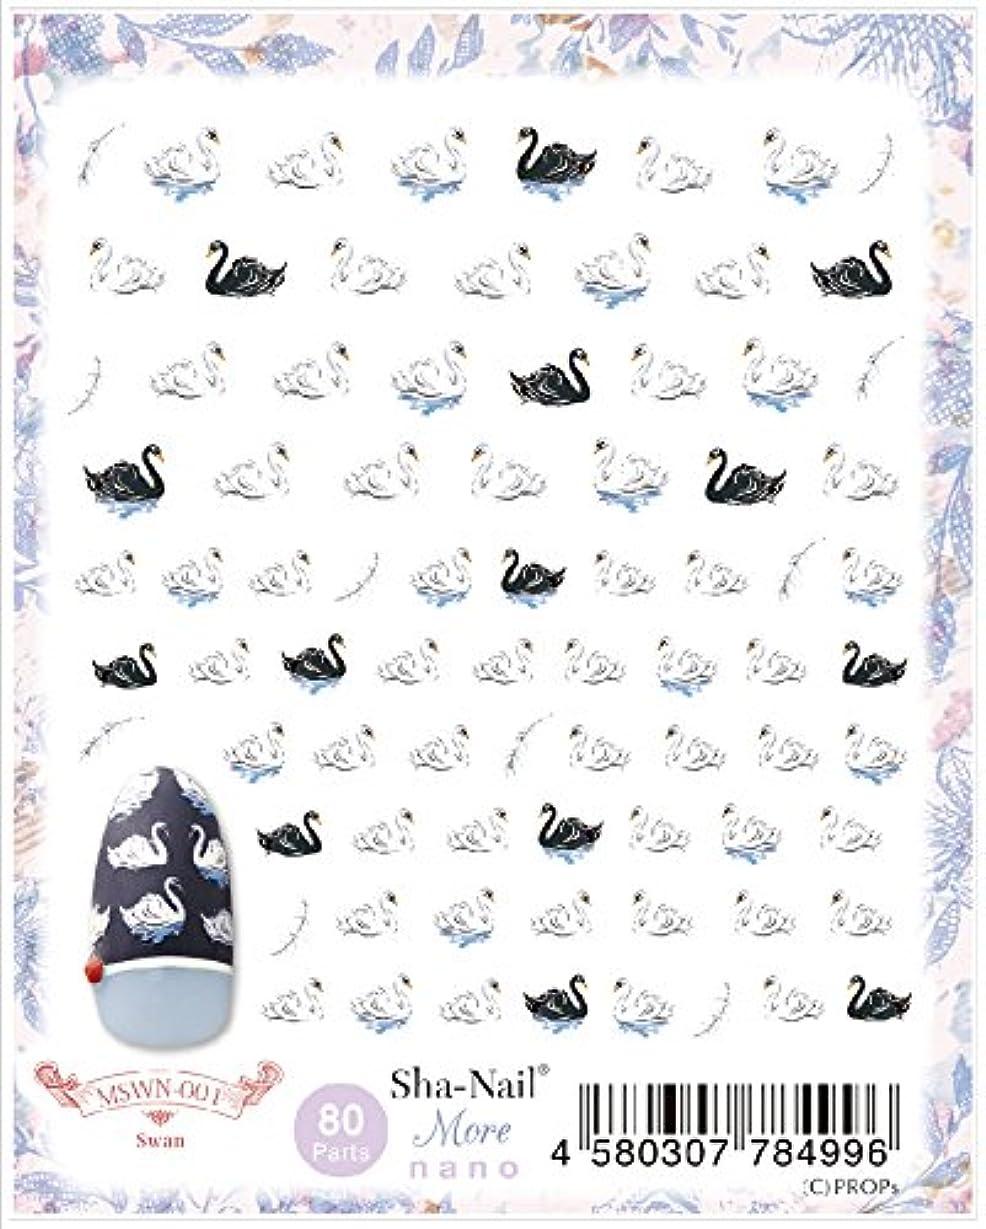 期間無駄な船酔いSha-Nail More ネイルシール 【nano】スワン MSWN-001 アート材